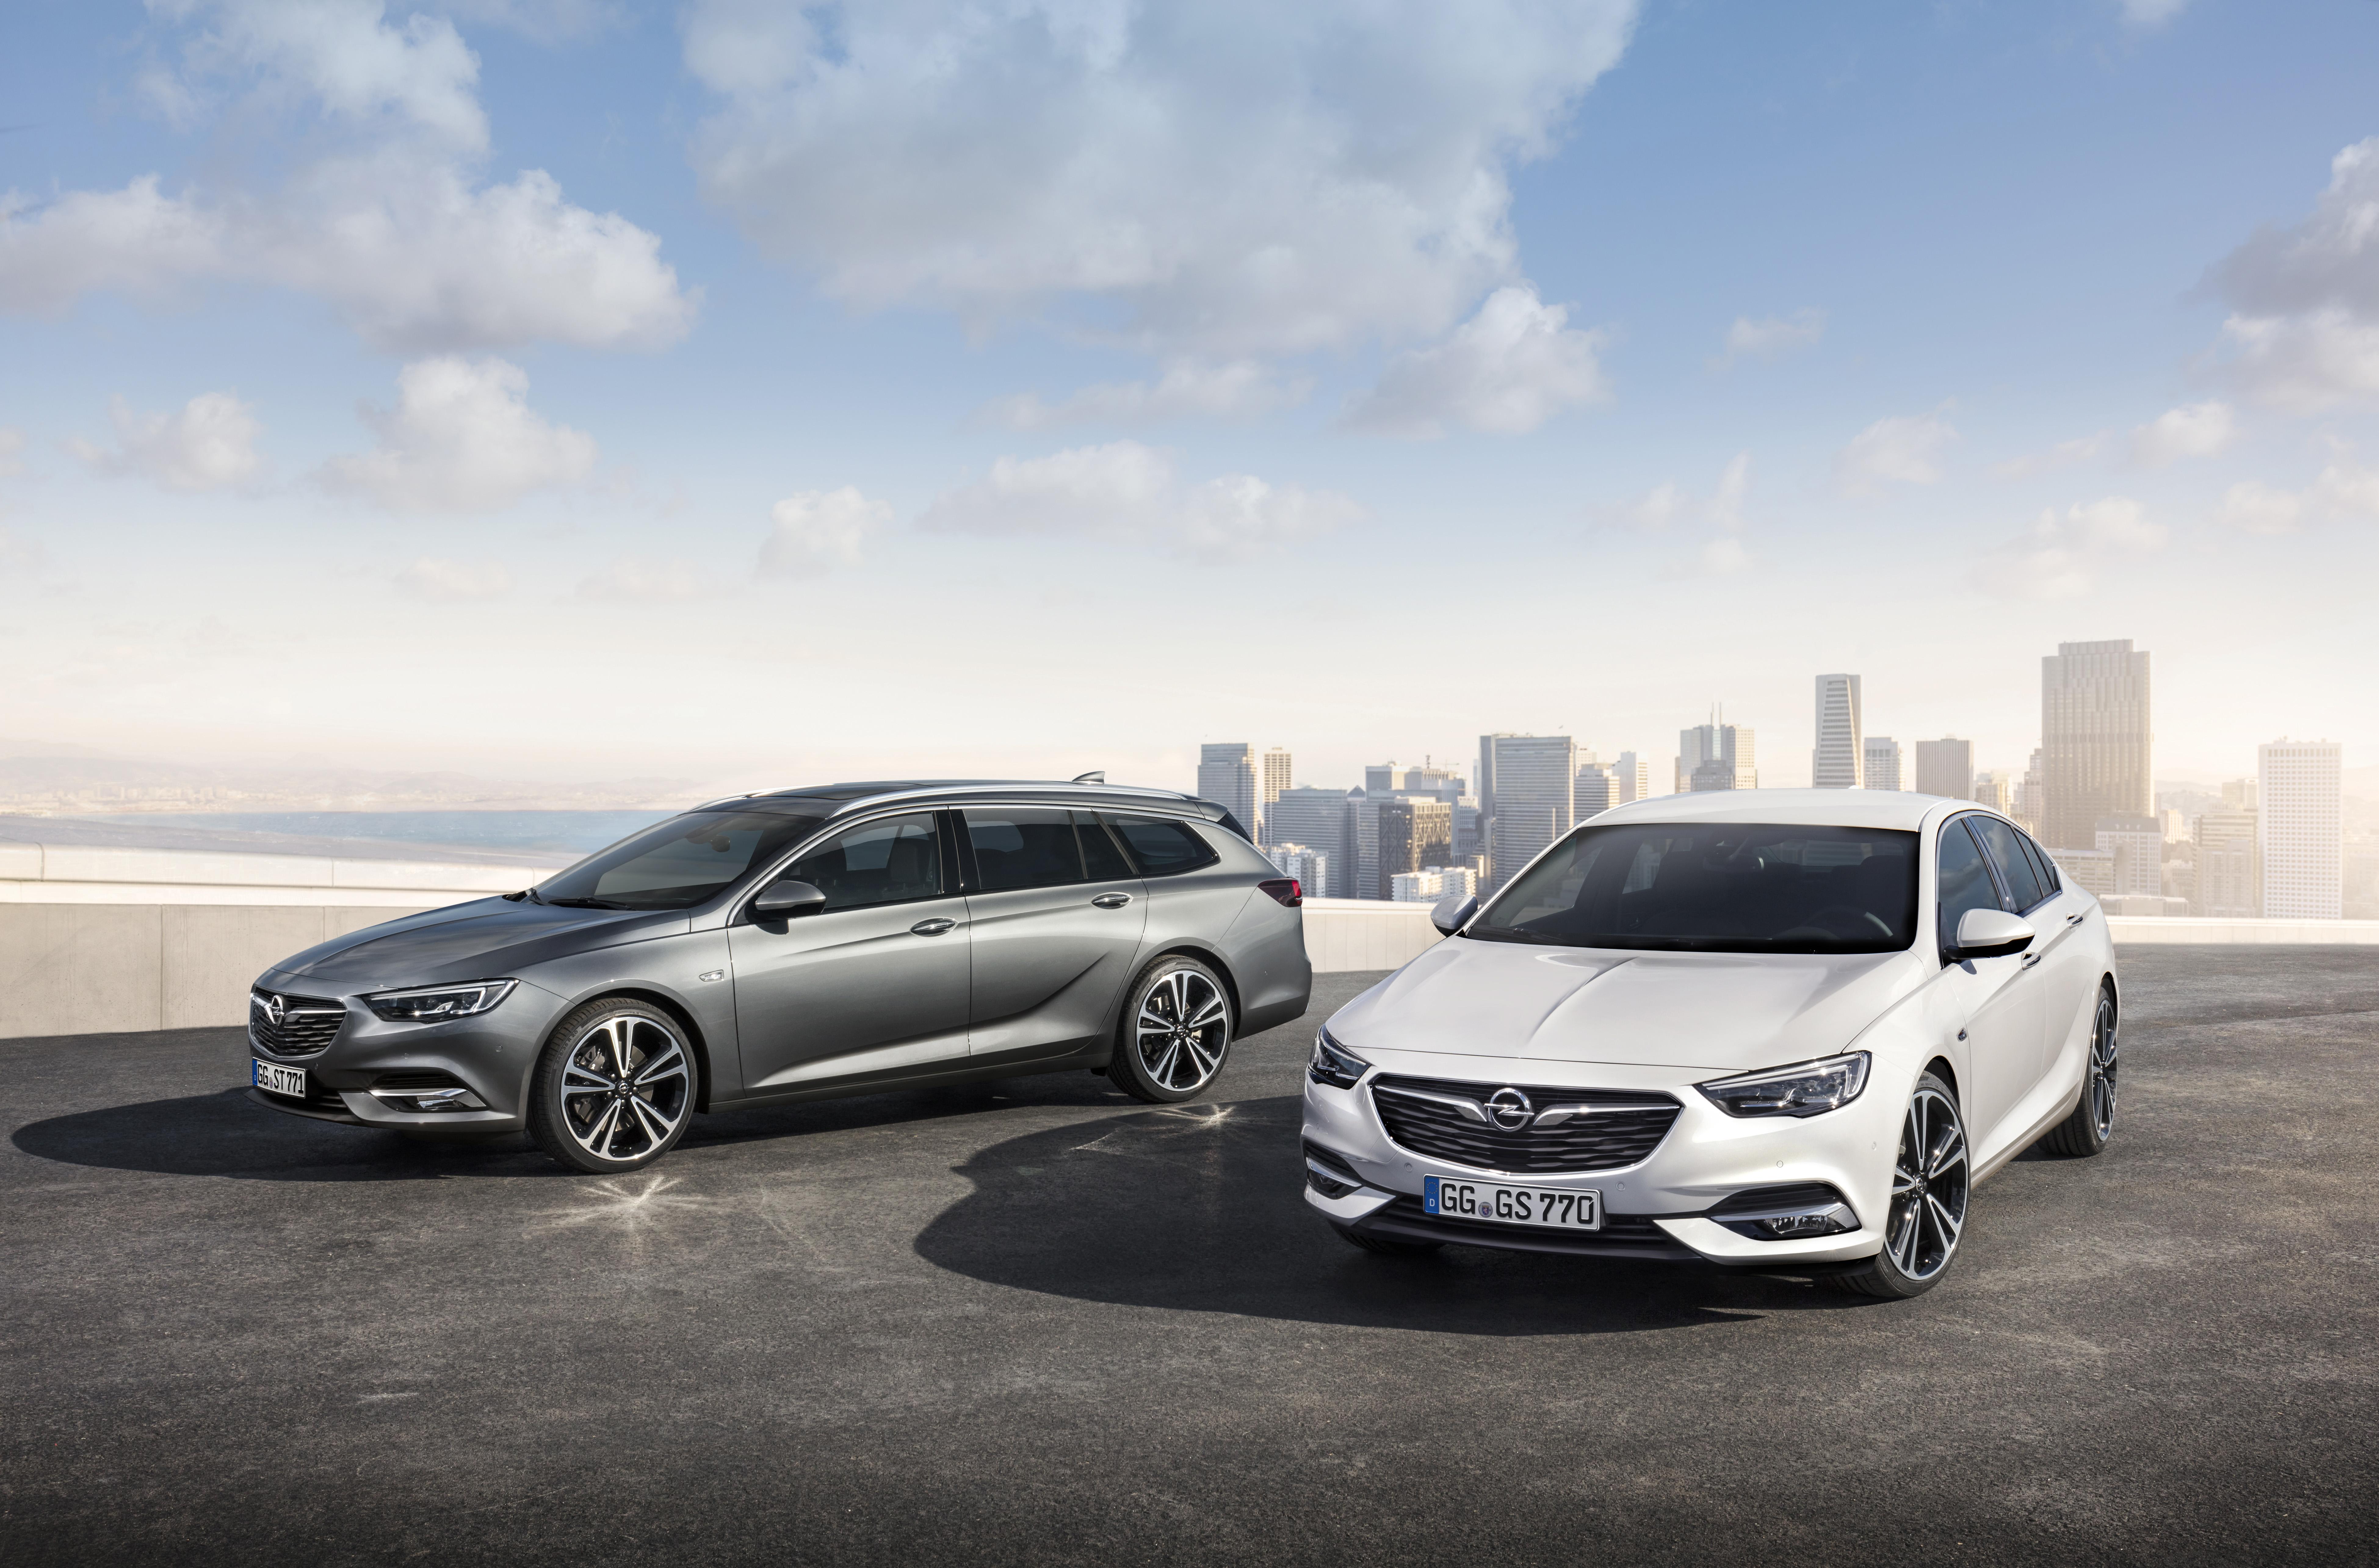 Vijf sterren van Euro NCAP bevestigen sterk veiligheidsconcept nieuwe Opel Insignia